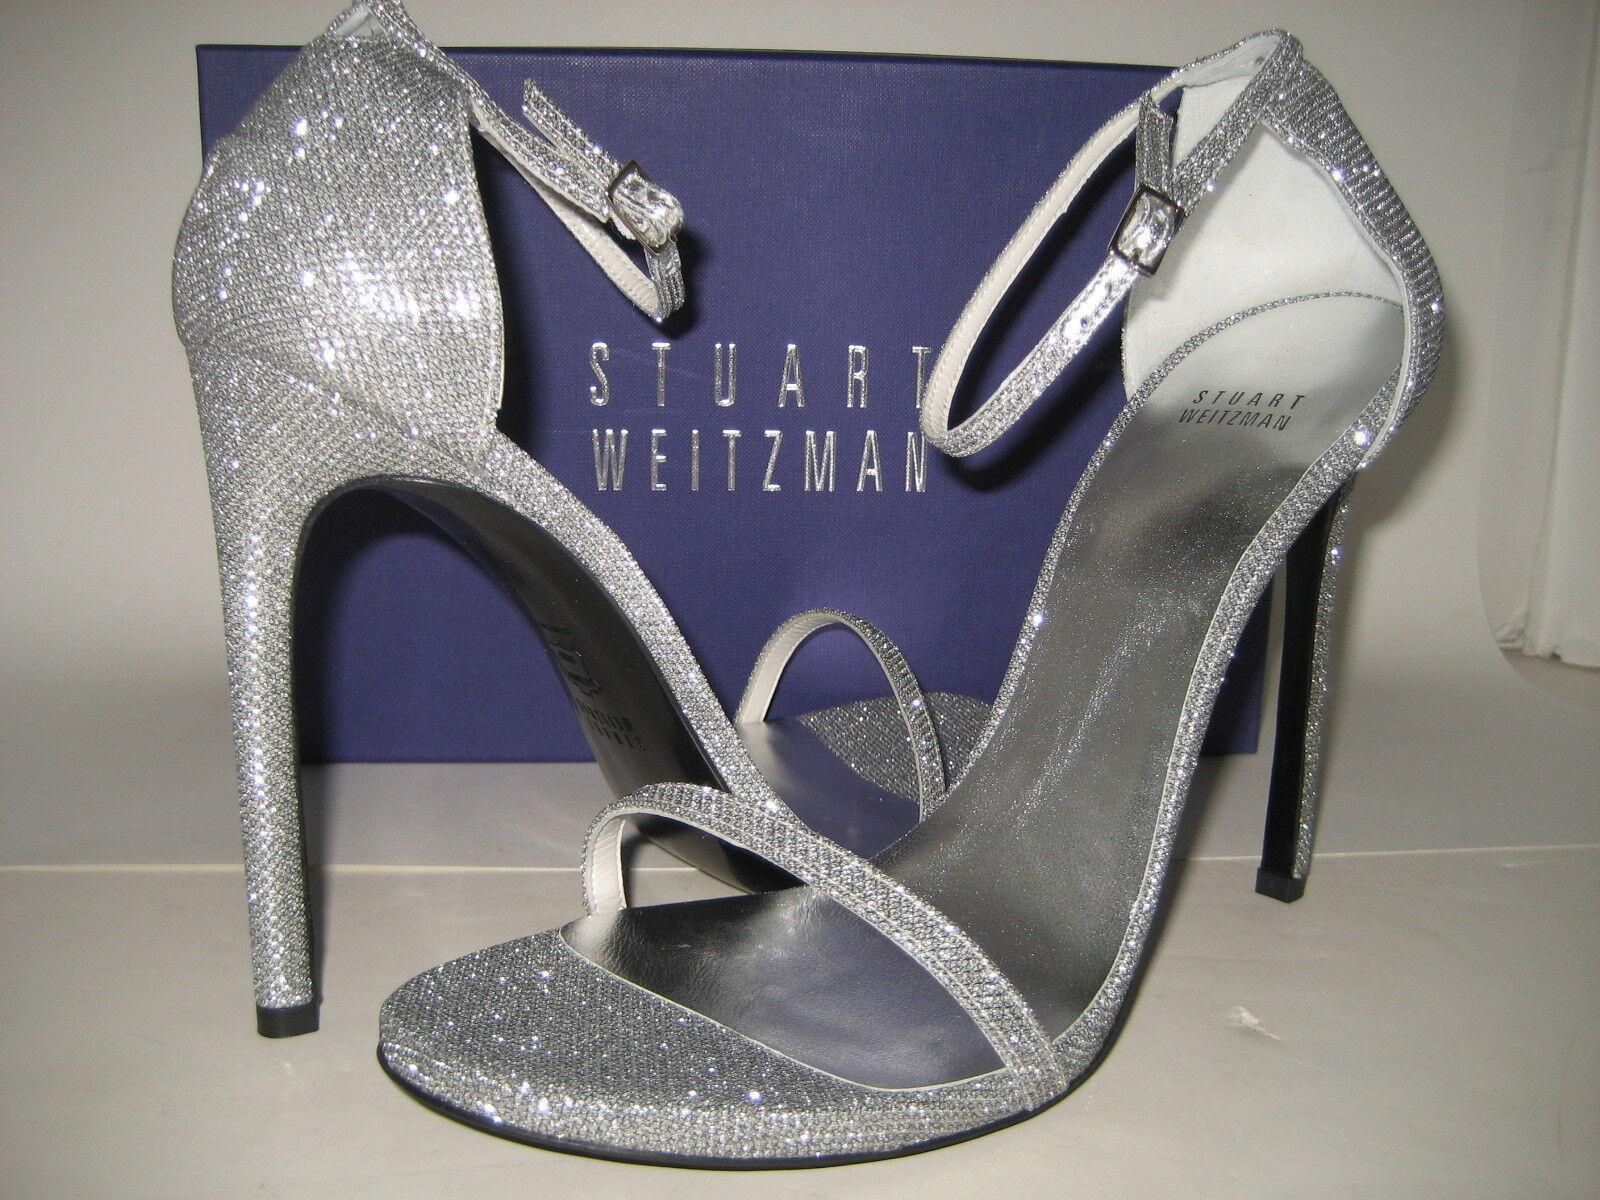 Neu Stuart Weitzman Nudist Kleid Sandalen Us 11.5 M Schuhe mit Hohem Absatz  | Exquisite Verarbeitung